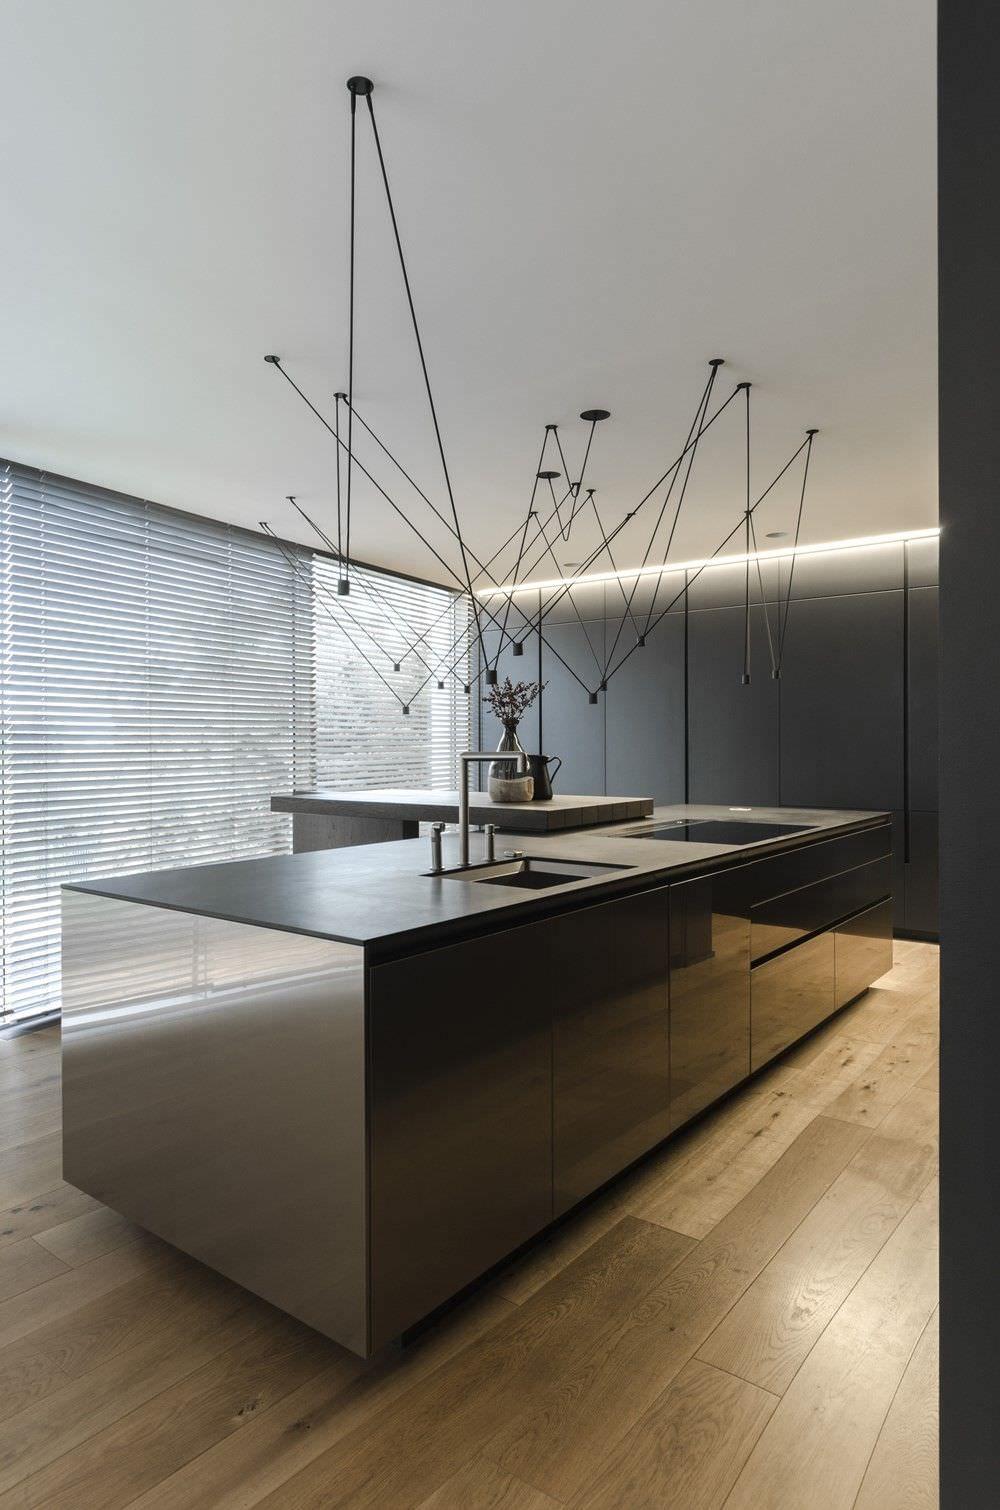 Cucina Moderna In Acciaio Inox.100 Idee Cucine Moderne Stile E Design Per La Cucina